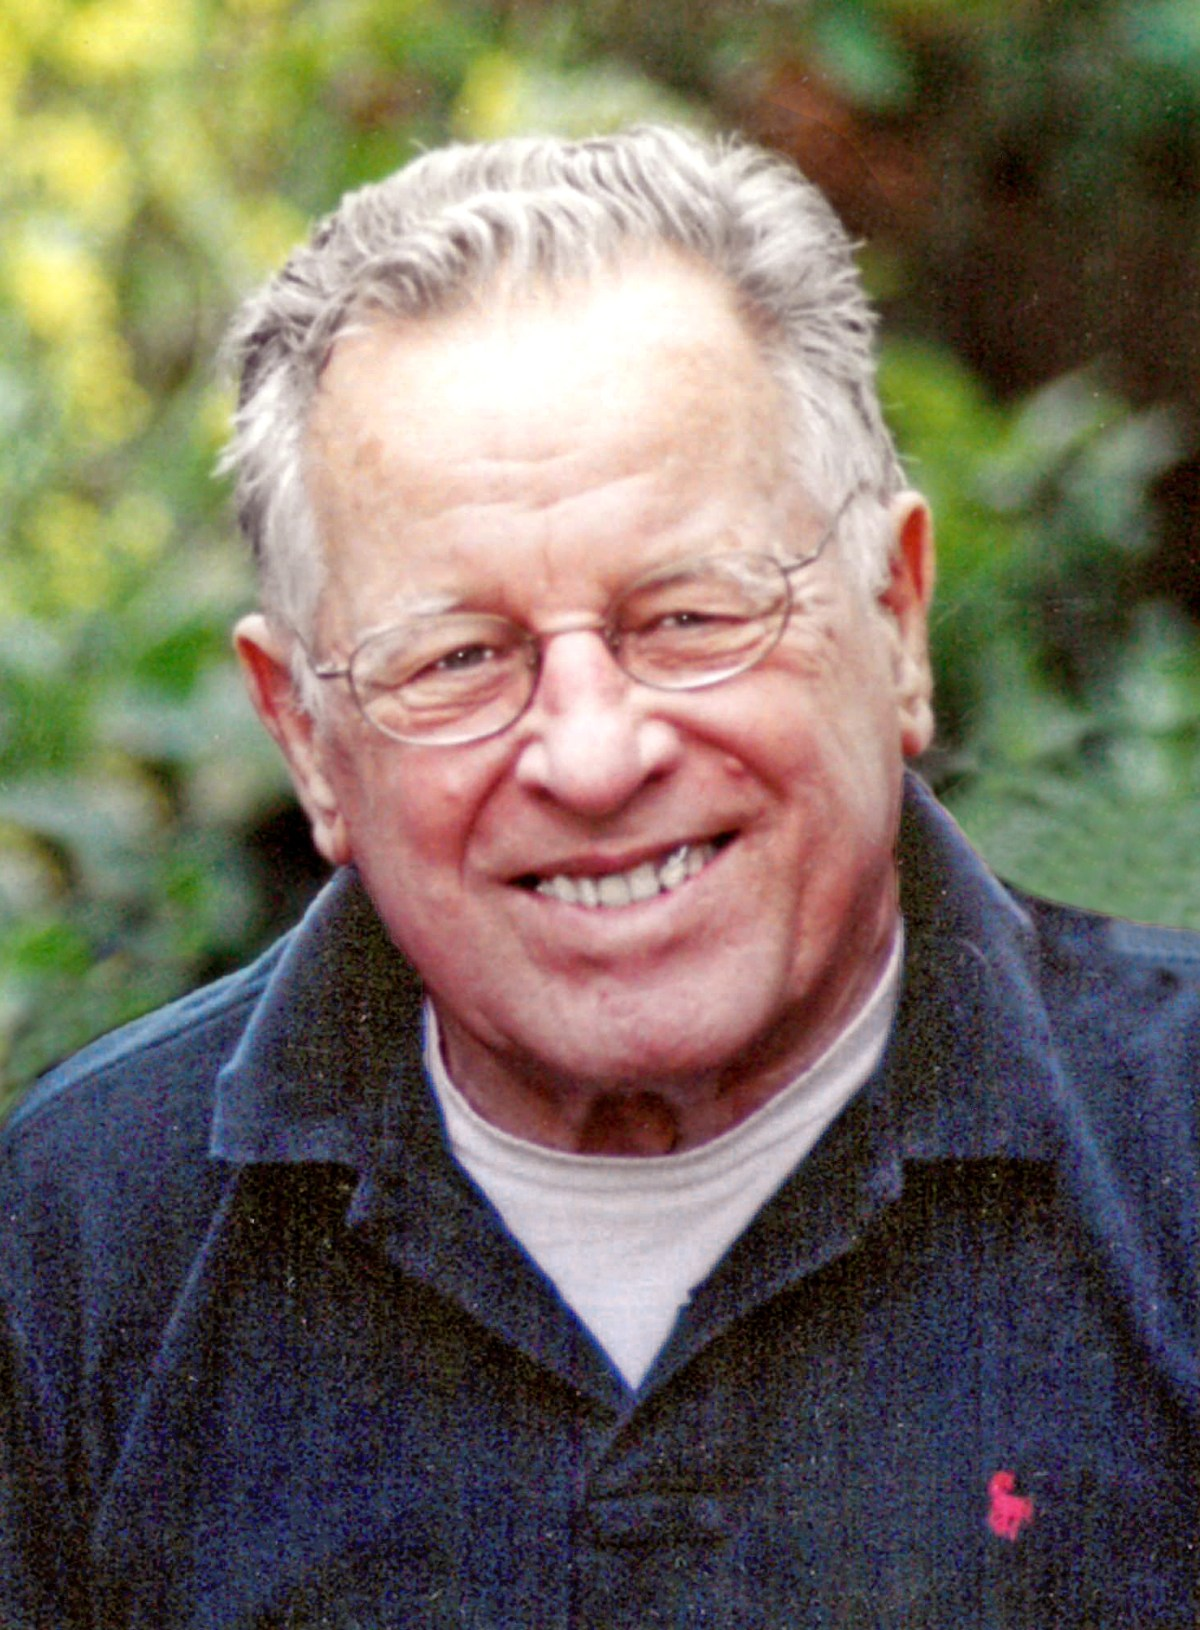 Obituary: Richard Cycenas Enjoyed Woodcarving